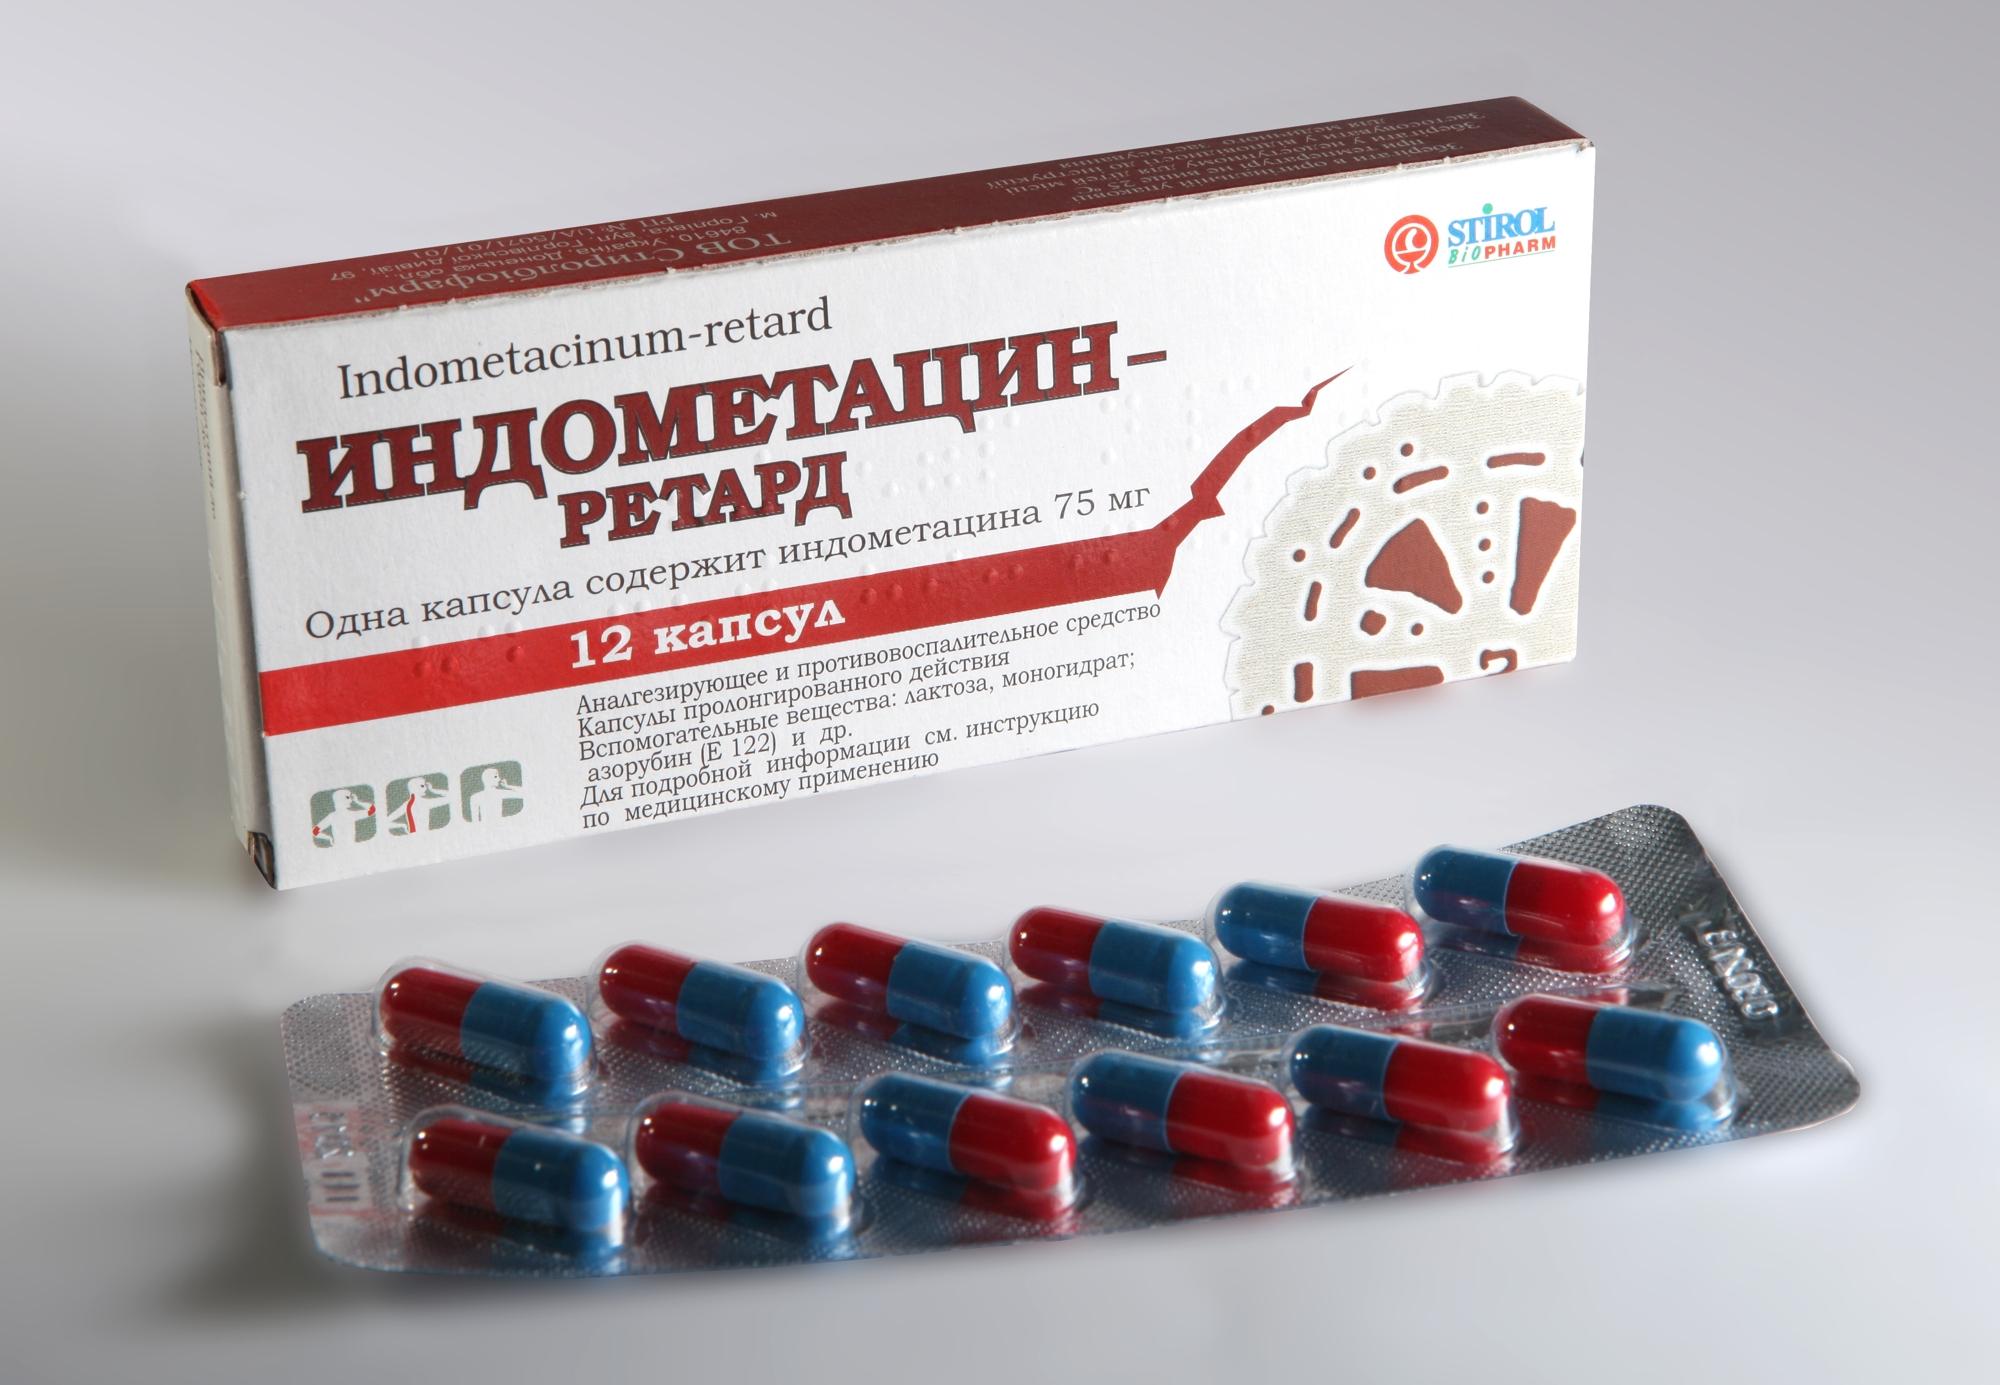 Изображение - Деформация тазобедренных суставов лечение Indometacin